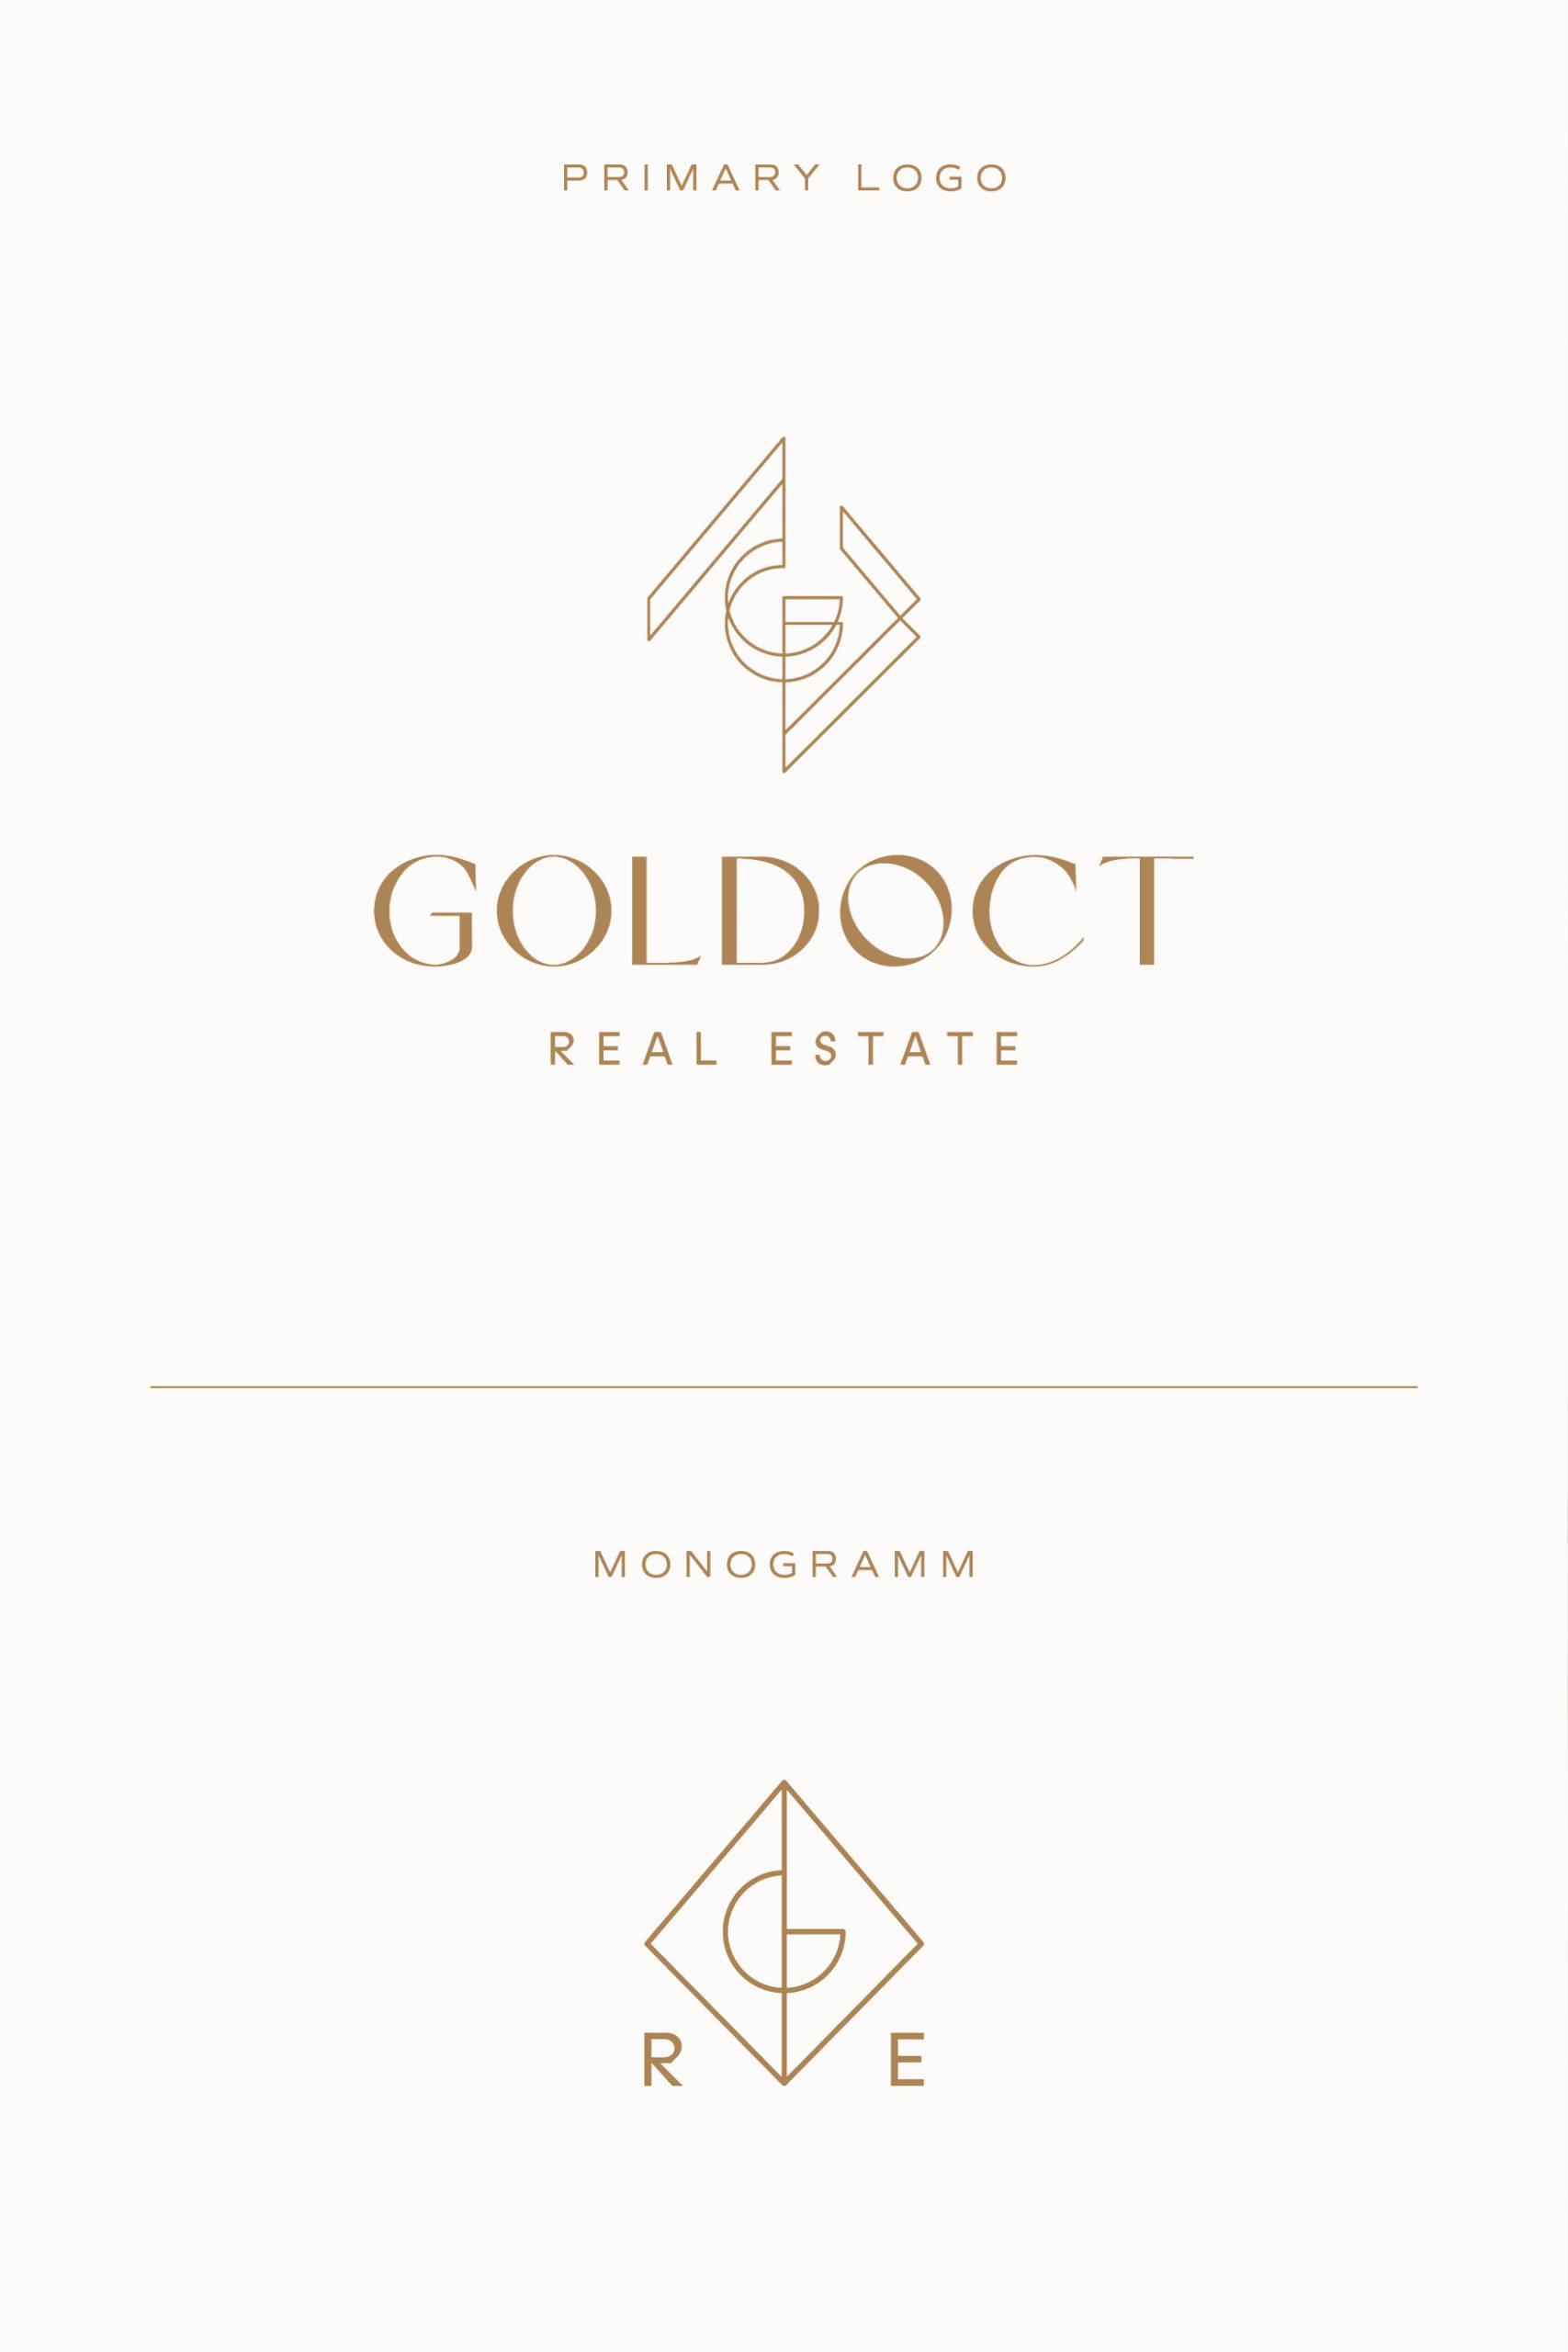 Goldoct-Logos